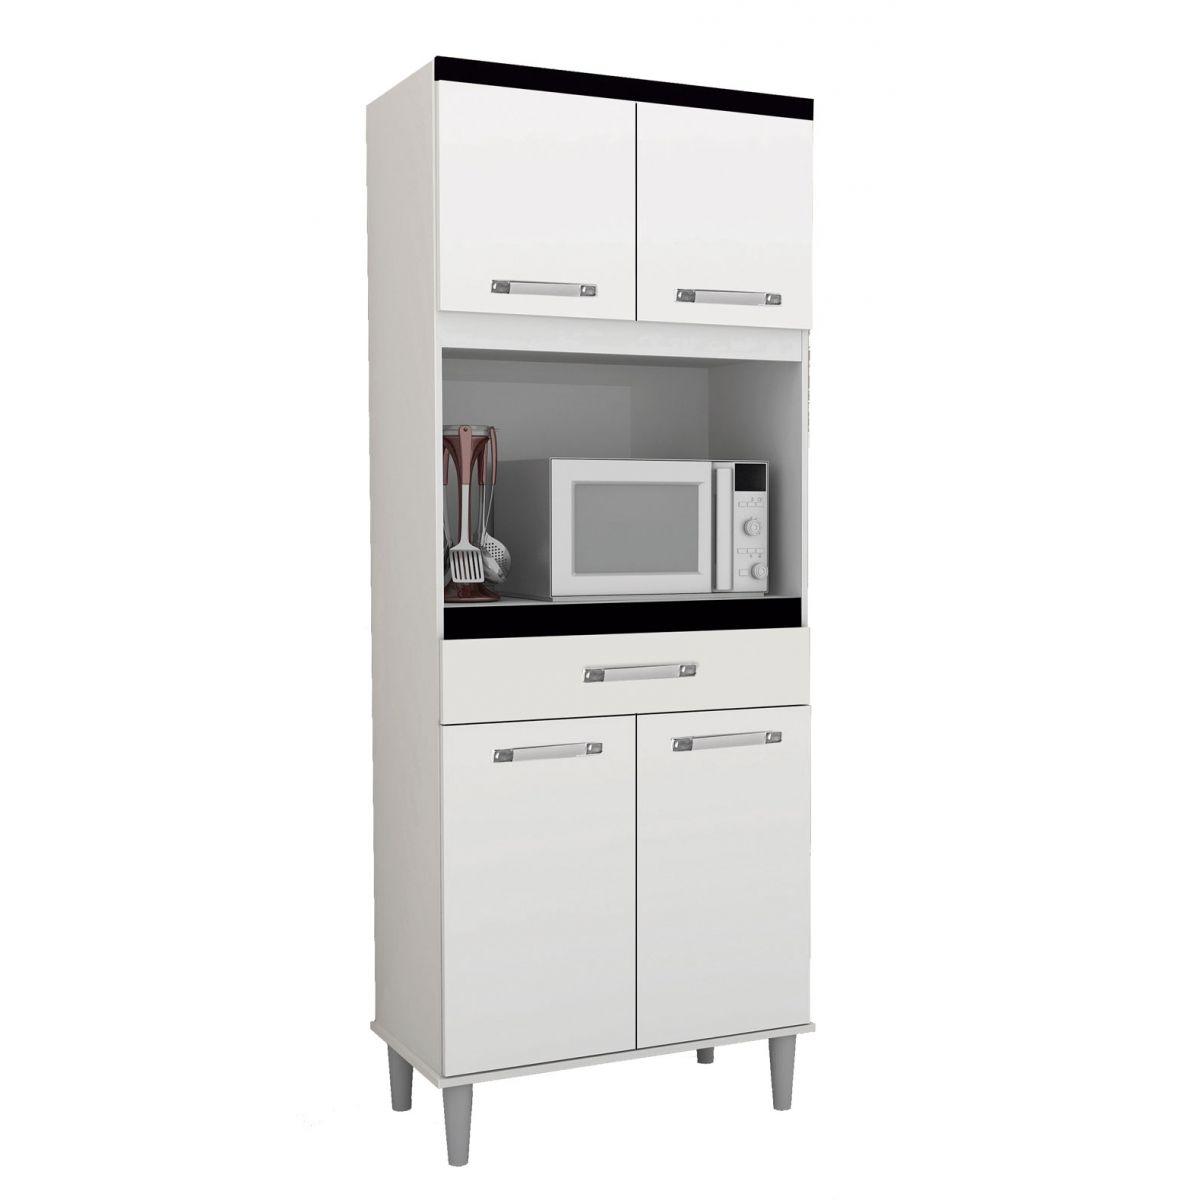 Armário de Cozinha Colorado 0,71m Branco e Preto - Cassini e Moreira